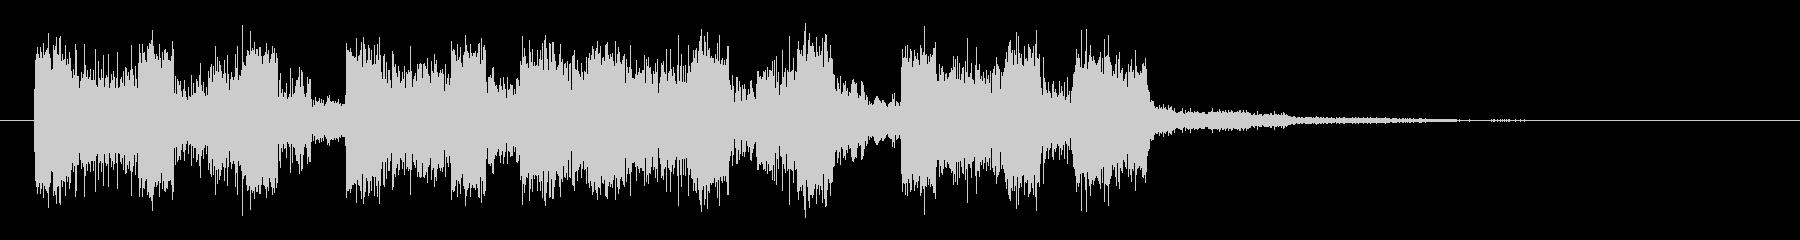 ゴーという環境音/ざわめきの未再生の波形